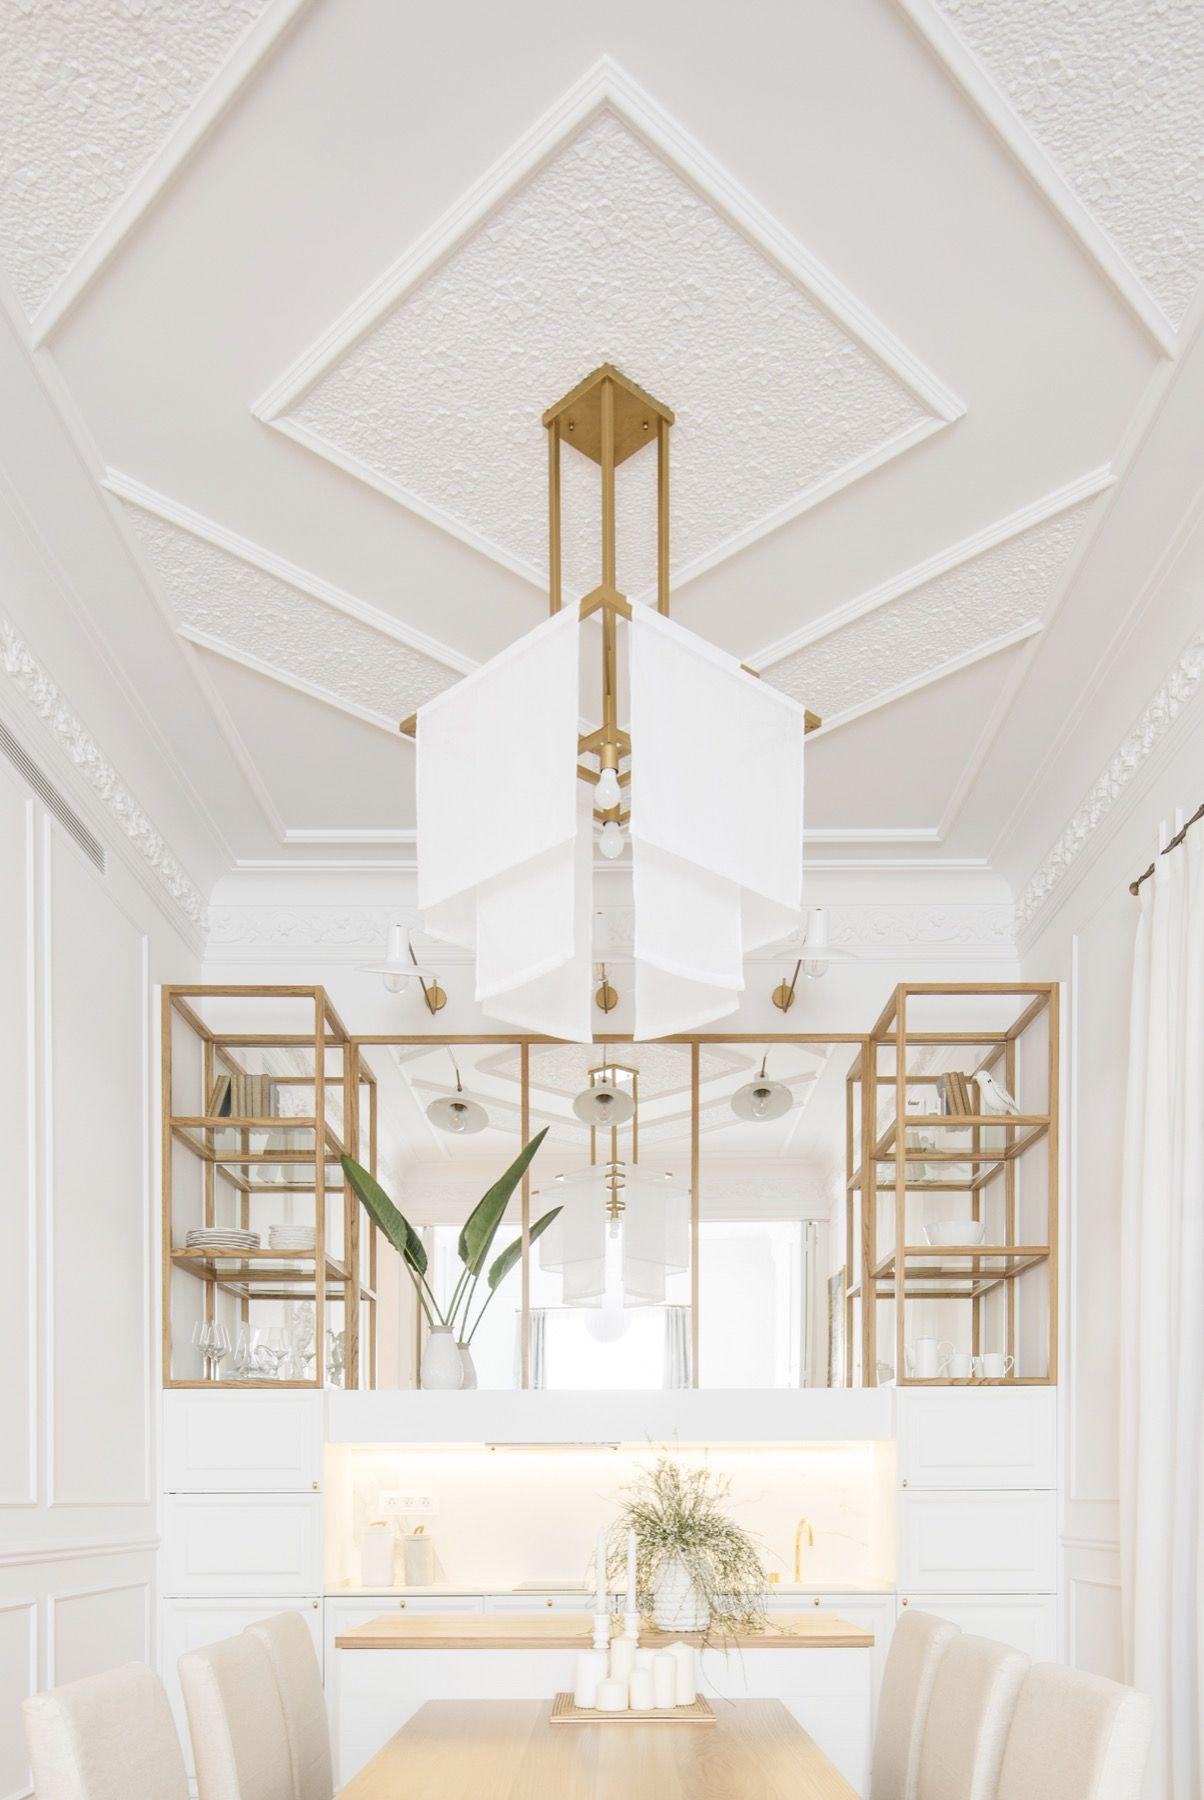 Foto 8 de Decoración y diseño en Barcelona | Interiorismo Miriam Barrio